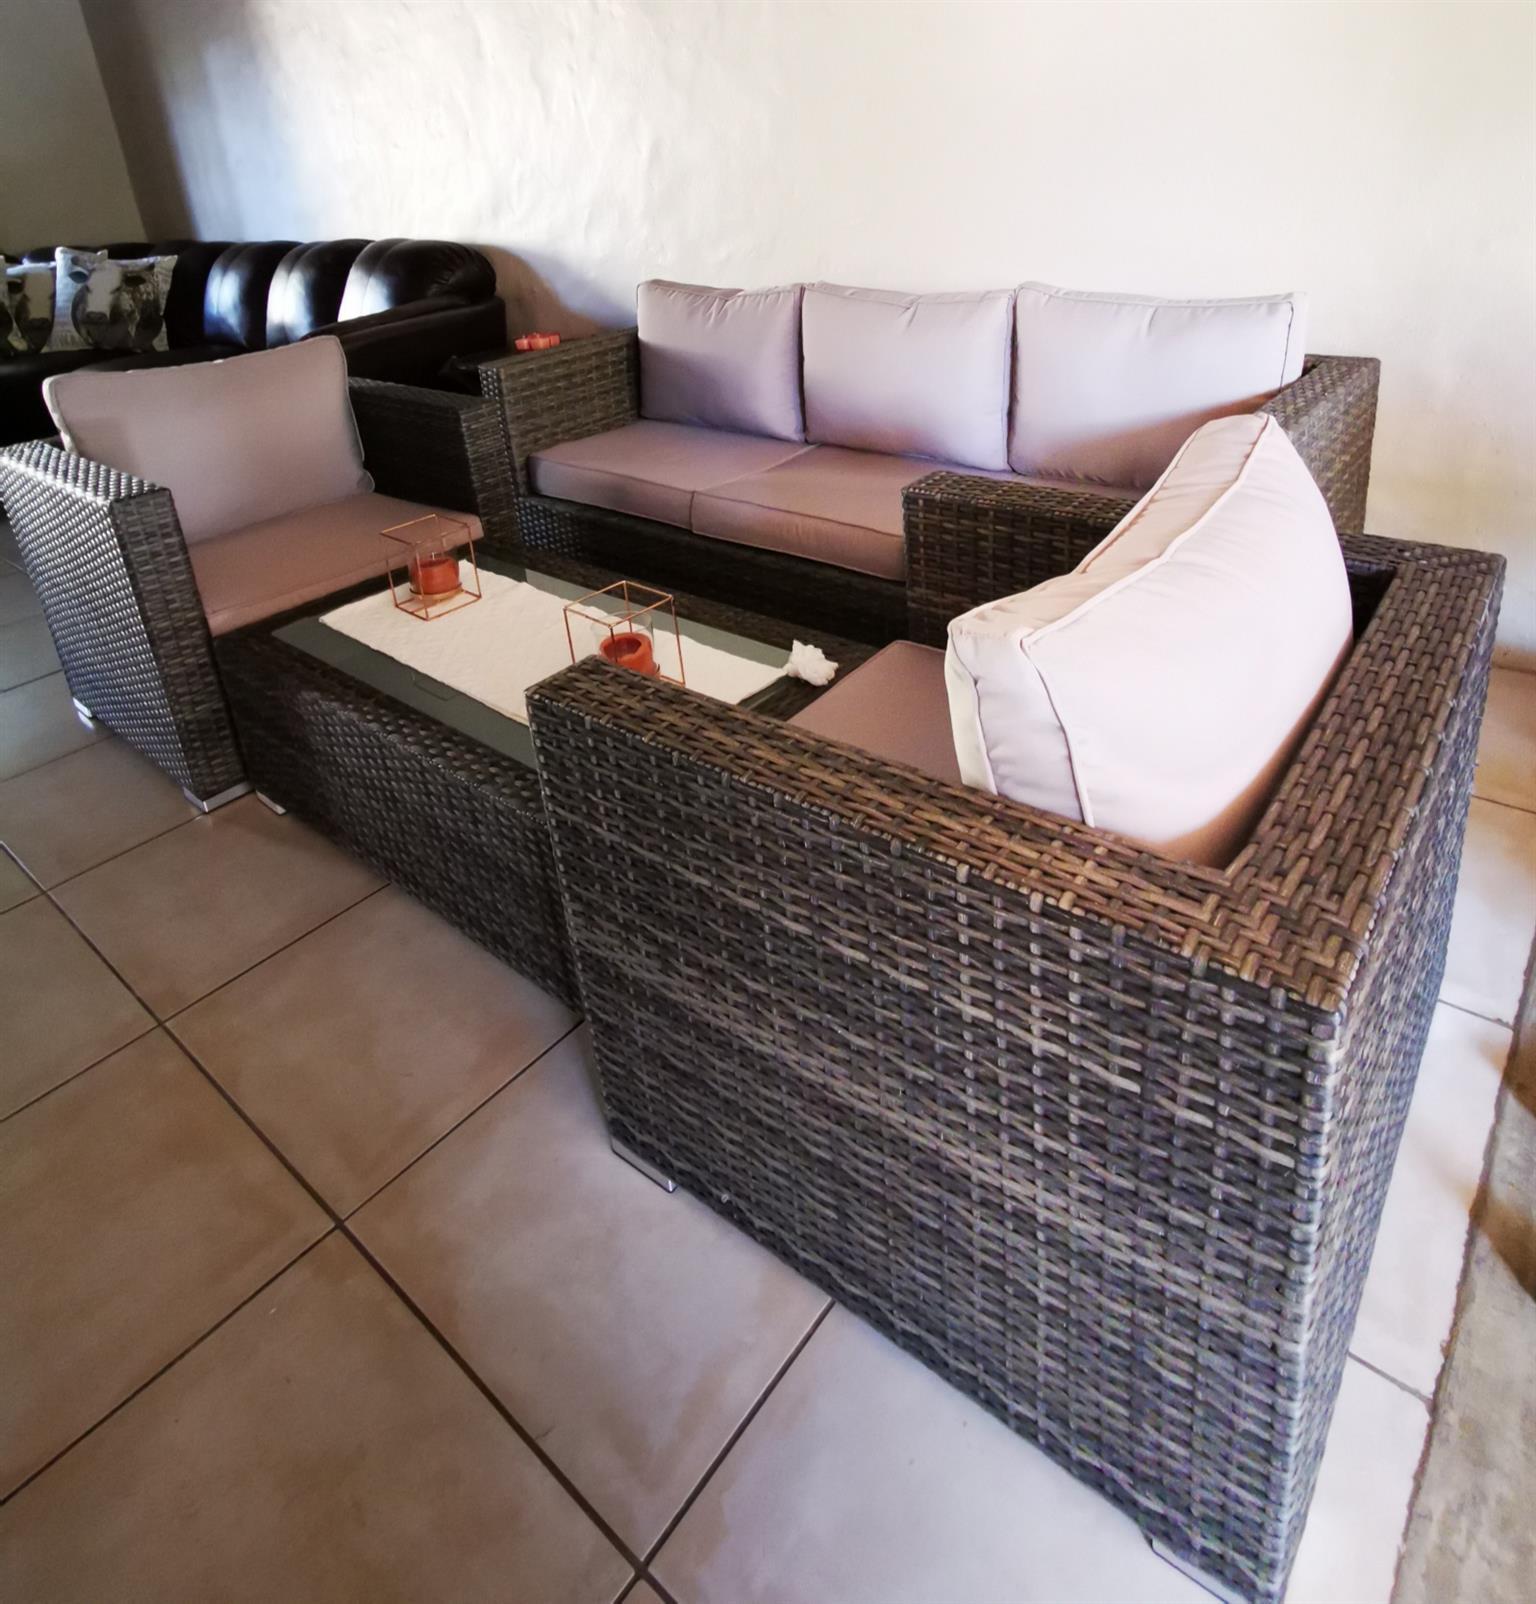 4 Piece Patio Lounge Set